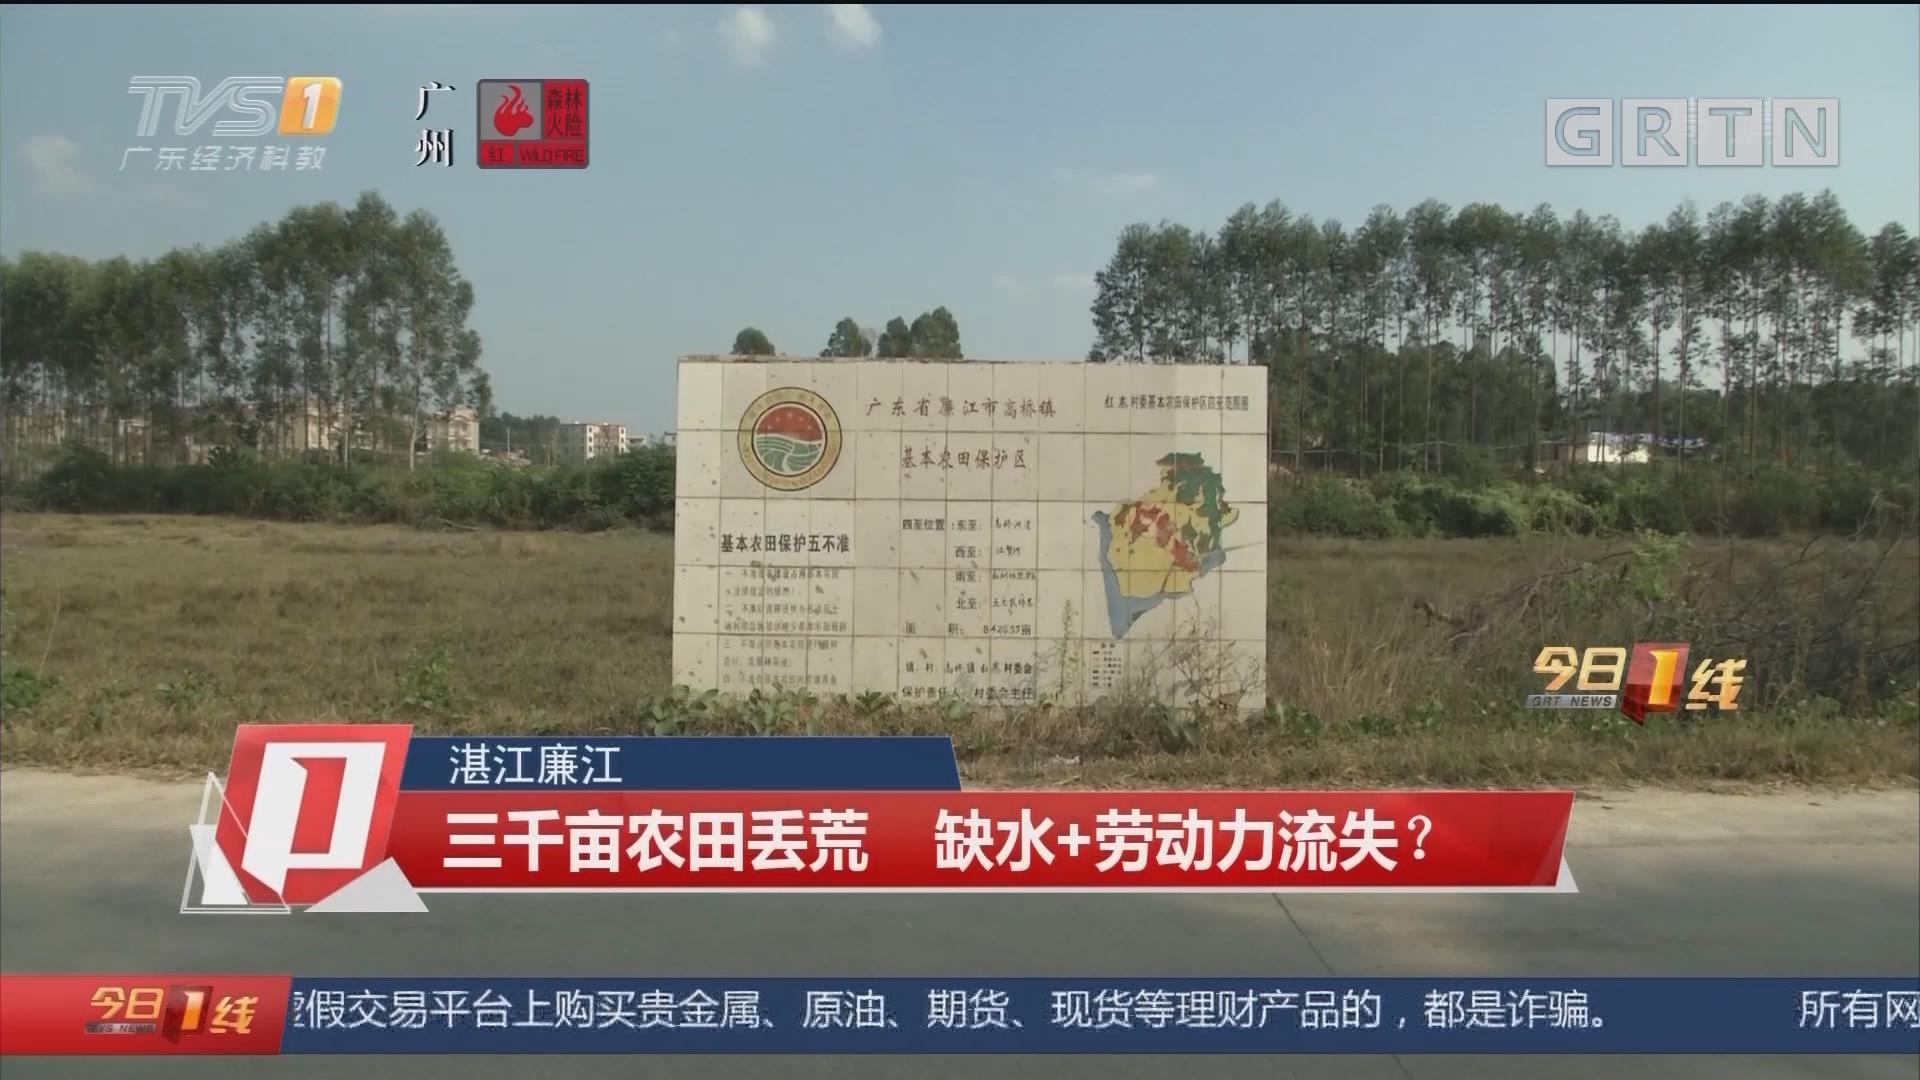 湛江廉江:三千亩农田丢荒 缺水+劳动力流失?